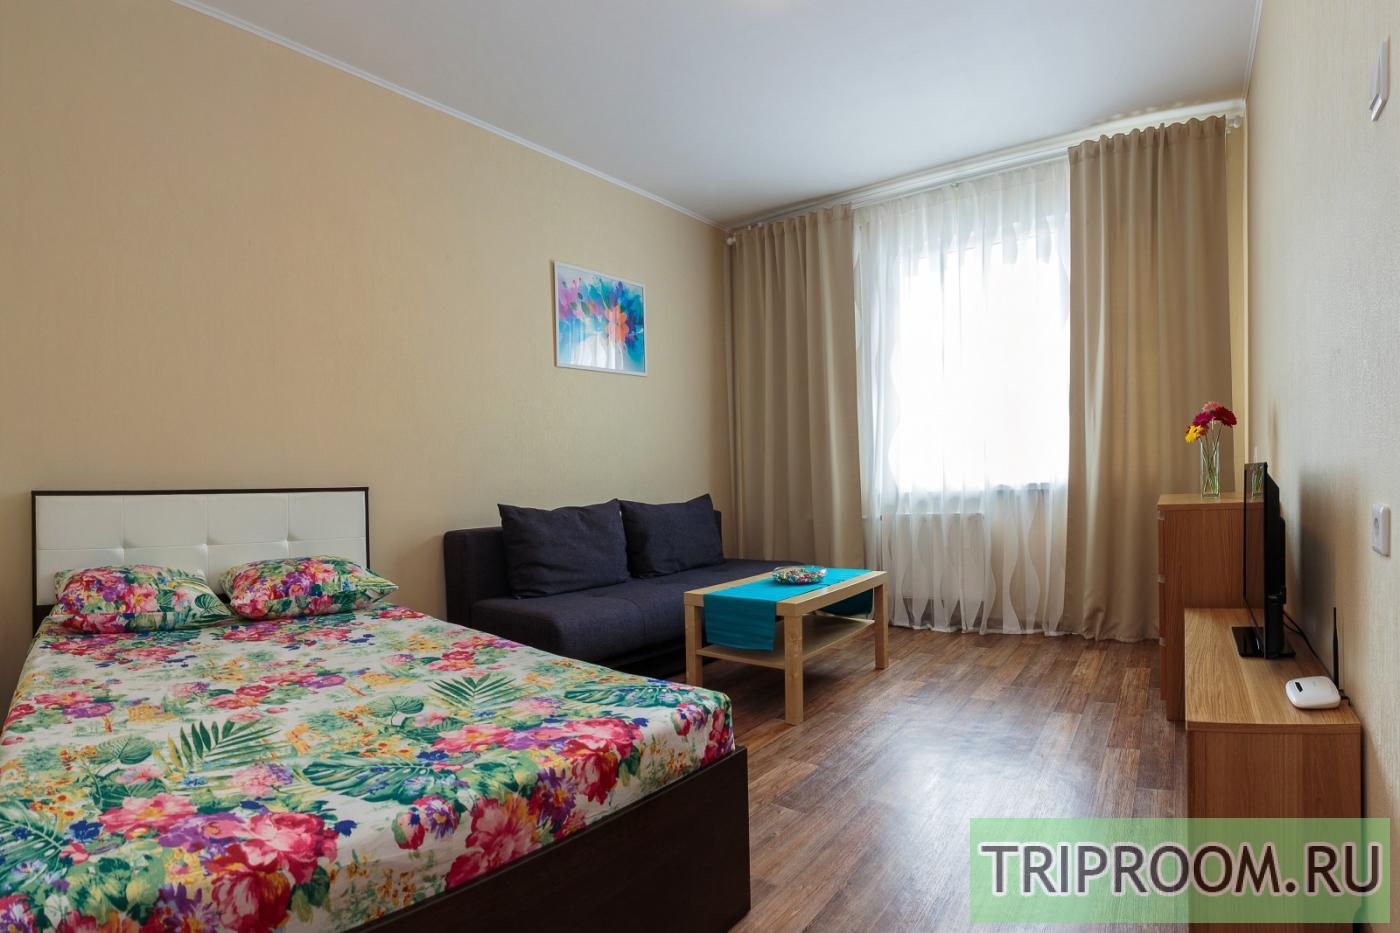 1-комнатная квартира посуточно (вариант № 16235), ул. Анатолия Мехренцева улица, фото № 1